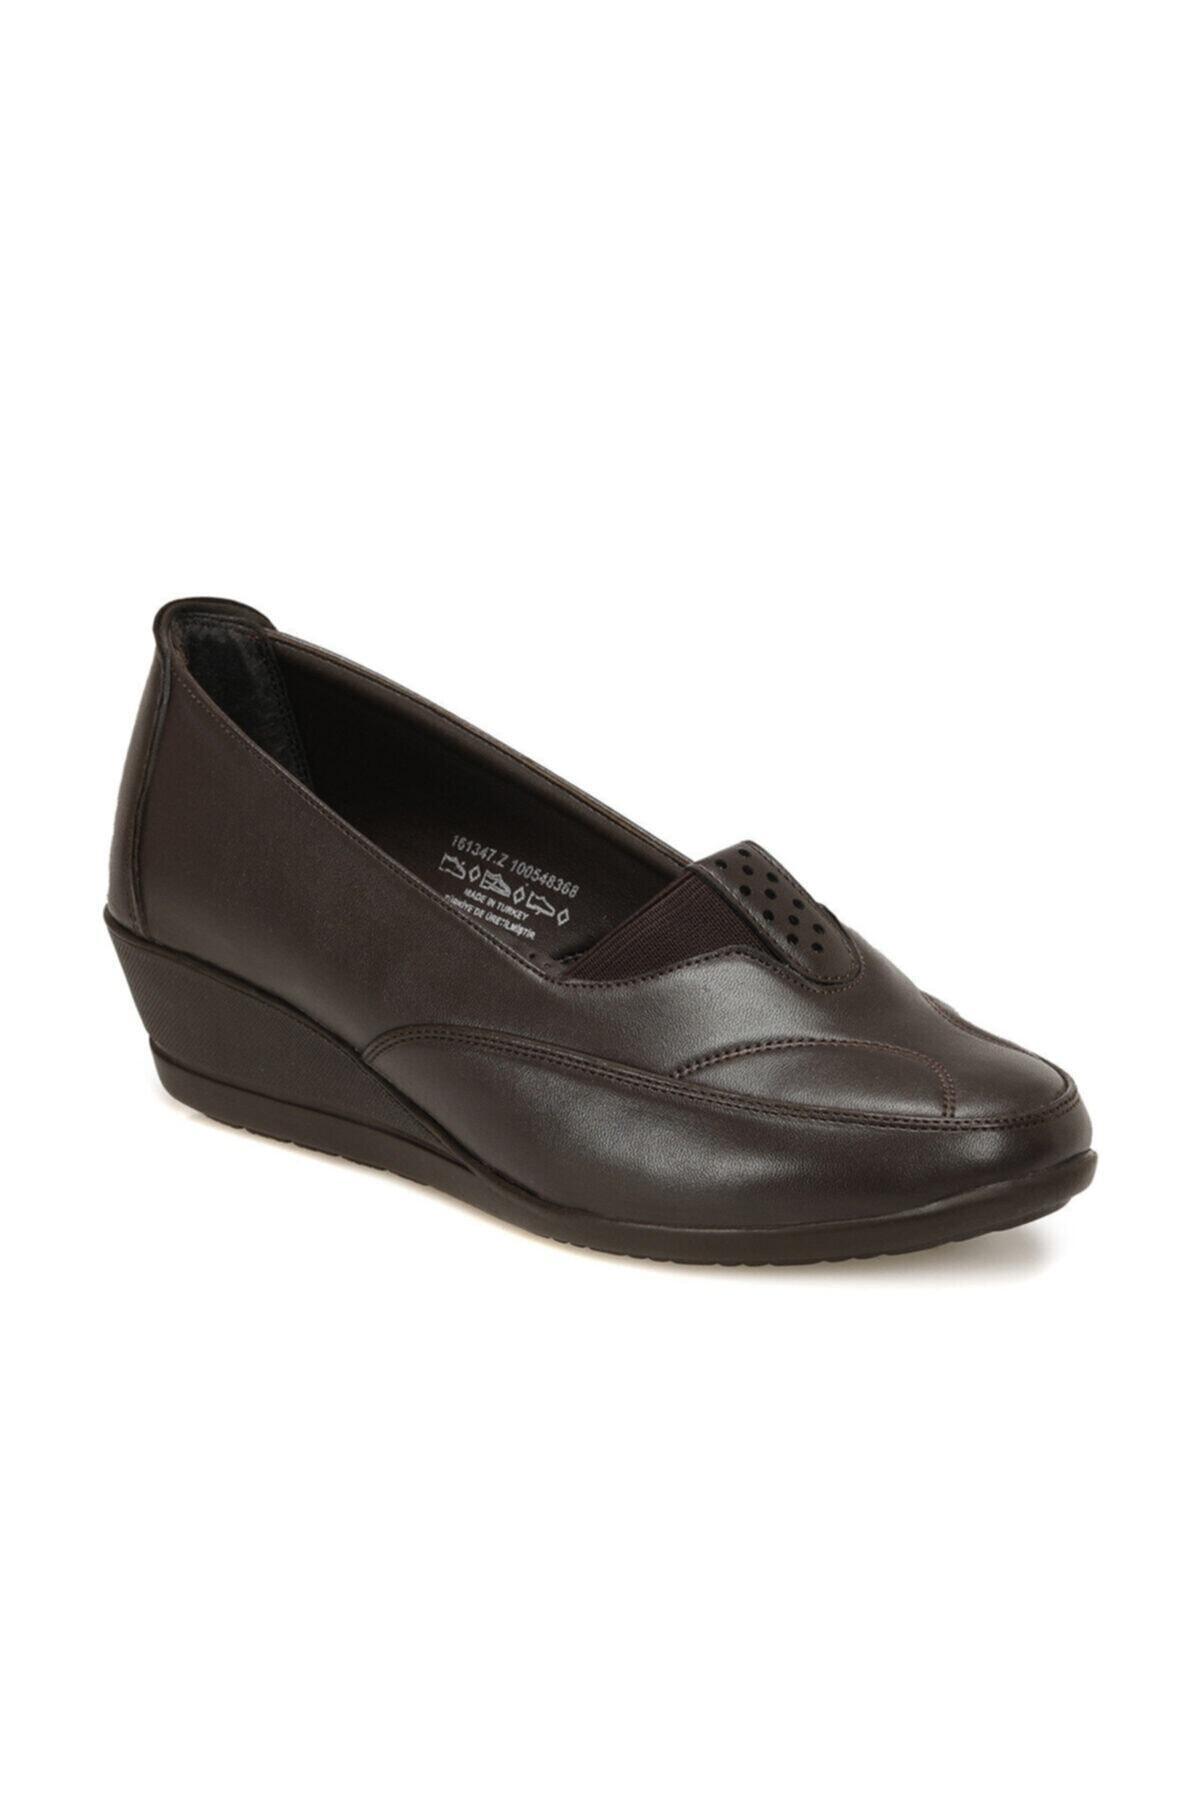 Polaris 161347.Z Kahverengi Kadın Comfort Ayakkabı 100548368 1